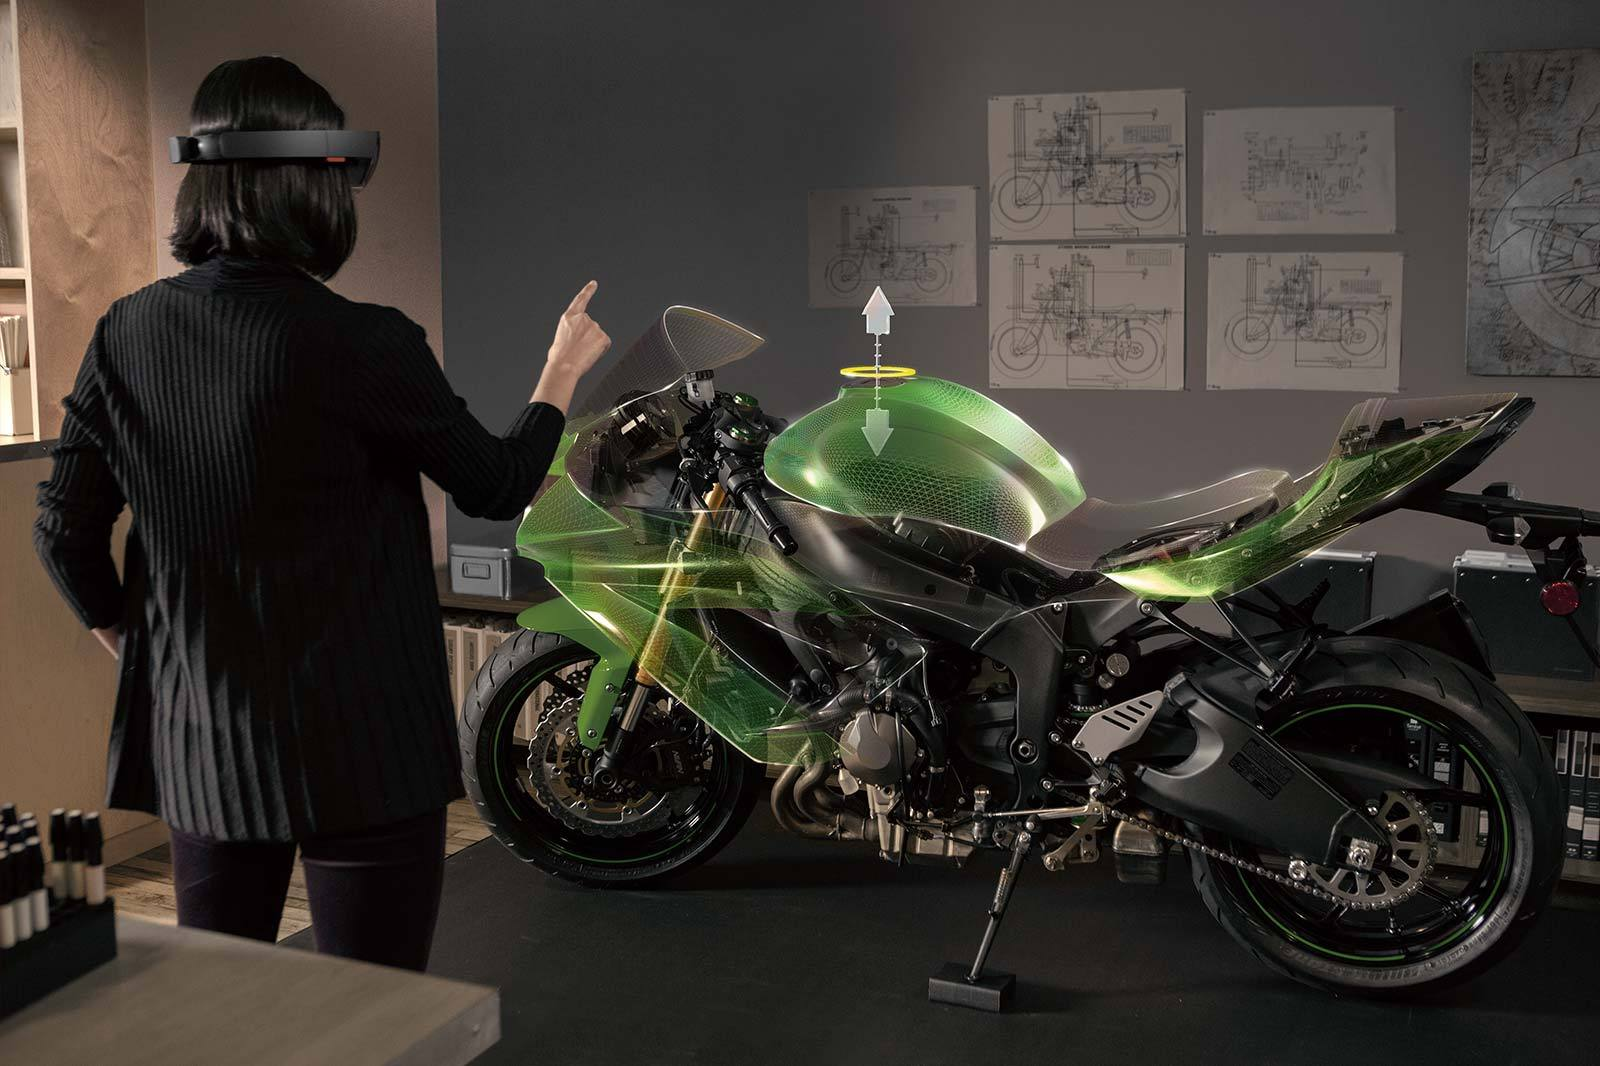 microsoft_hololens_demo_motorcycle-100564150-orig.jpg